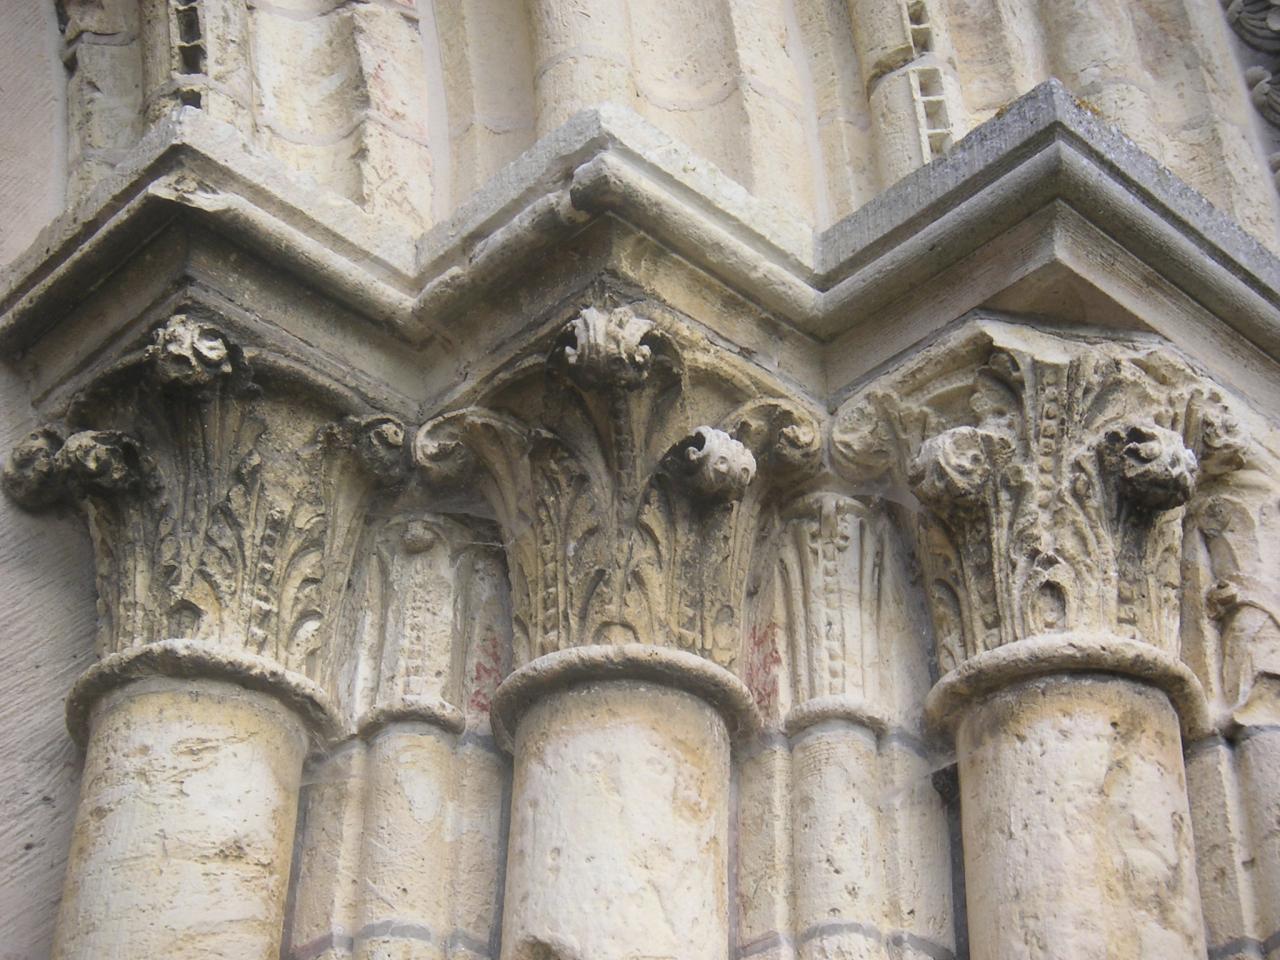 Quel est le style architectural de ces chapiteaux ?